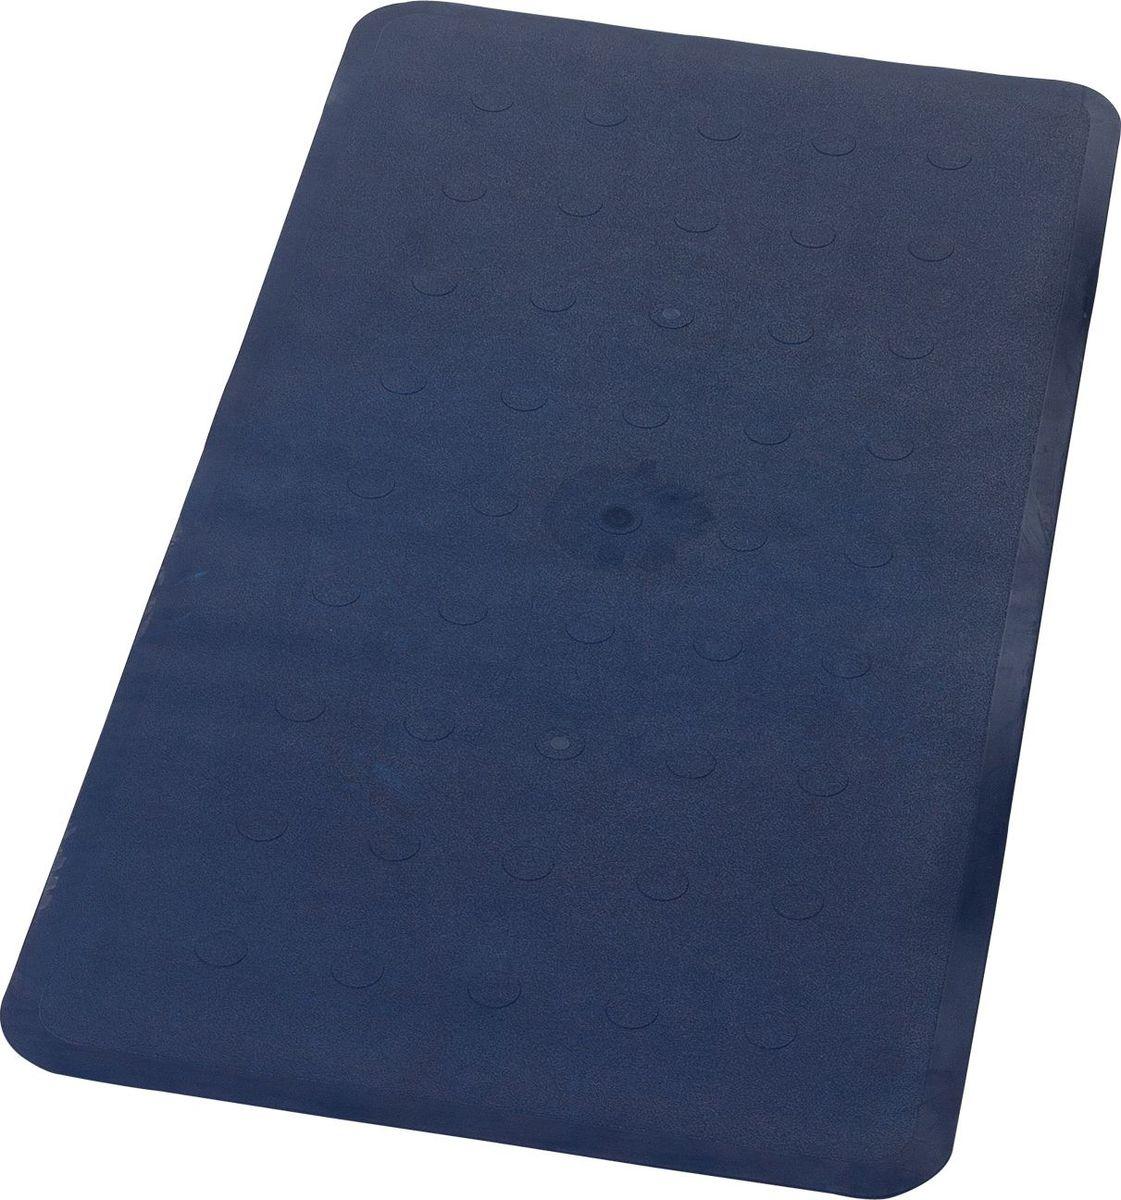 Коврик для ванной Ridder Basic, противоскользящий, на присосках, цвет: синий, 36 х 71 см babyono коврик противоскользящий для ванной цвет голубой 70 х 35 см